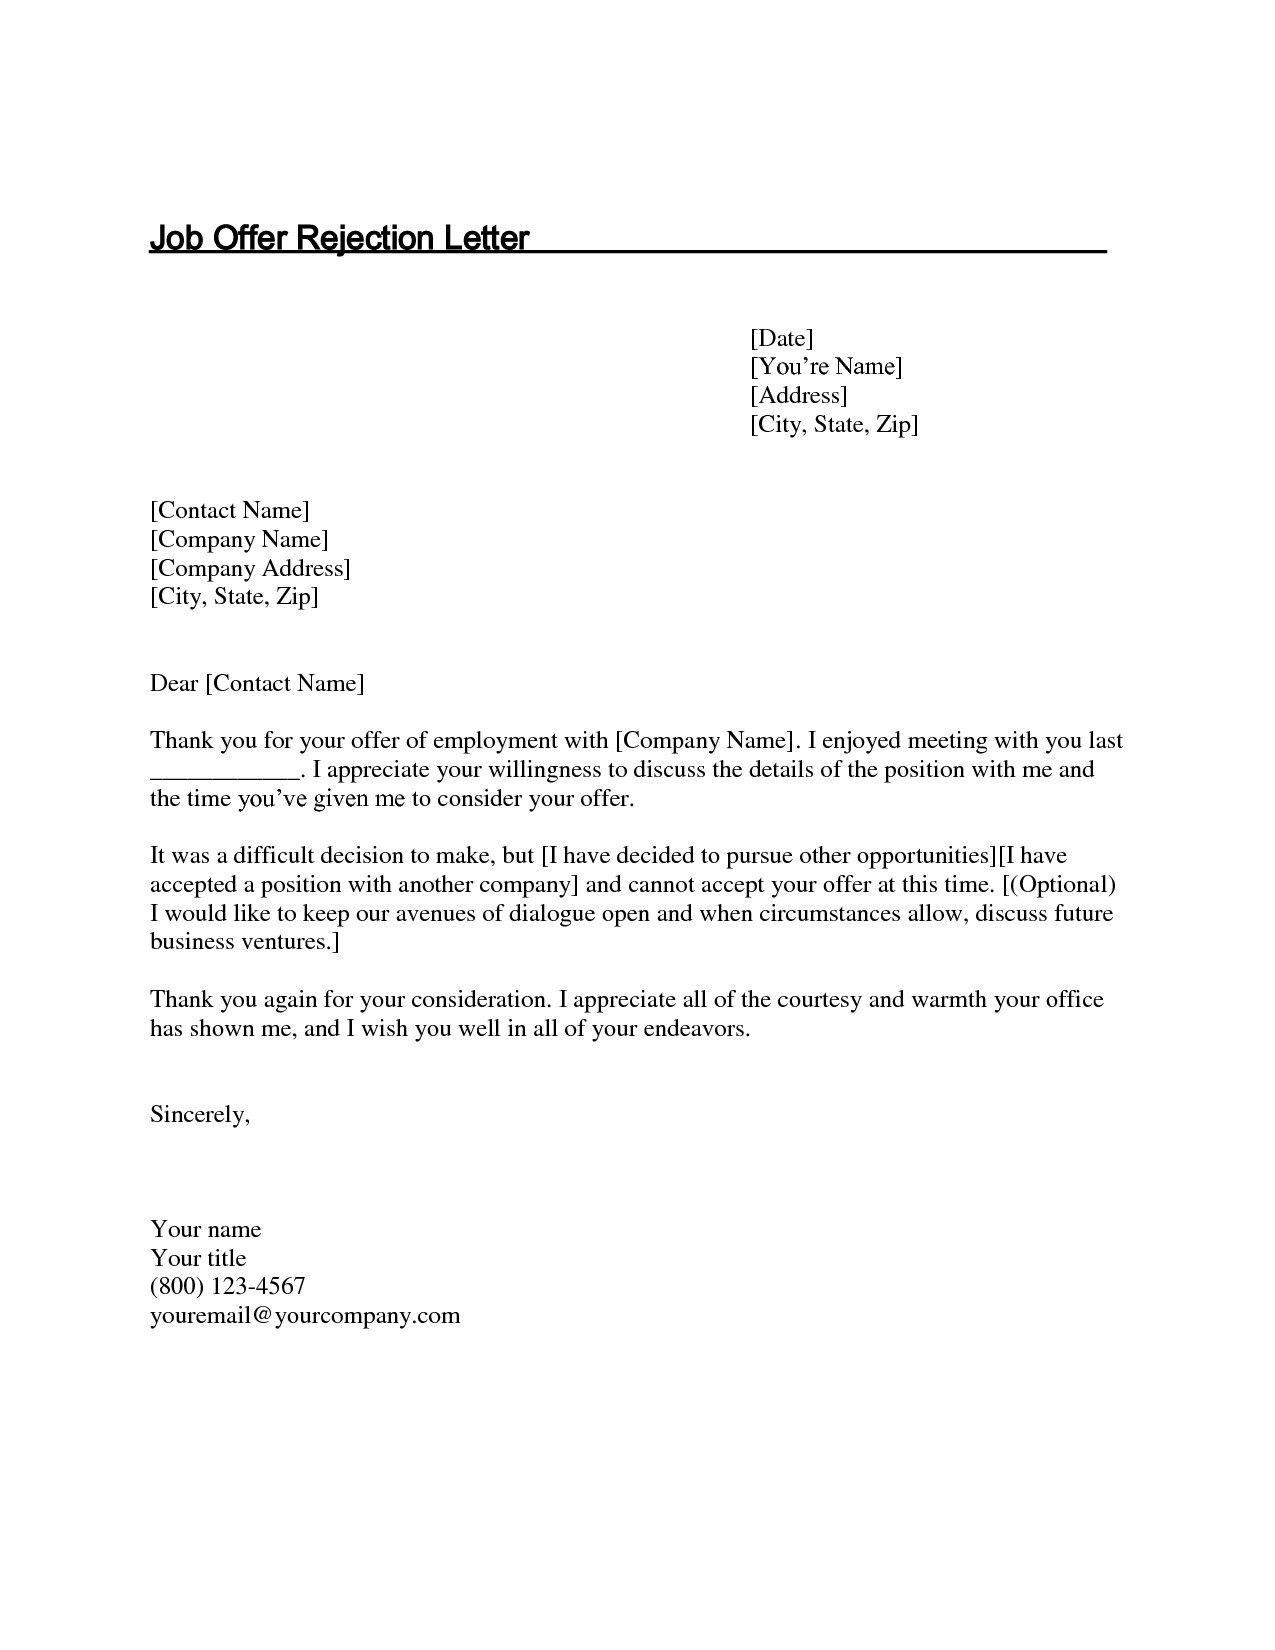 Valid Sample Letter Of Appreciation For Job Offer Job Rejection